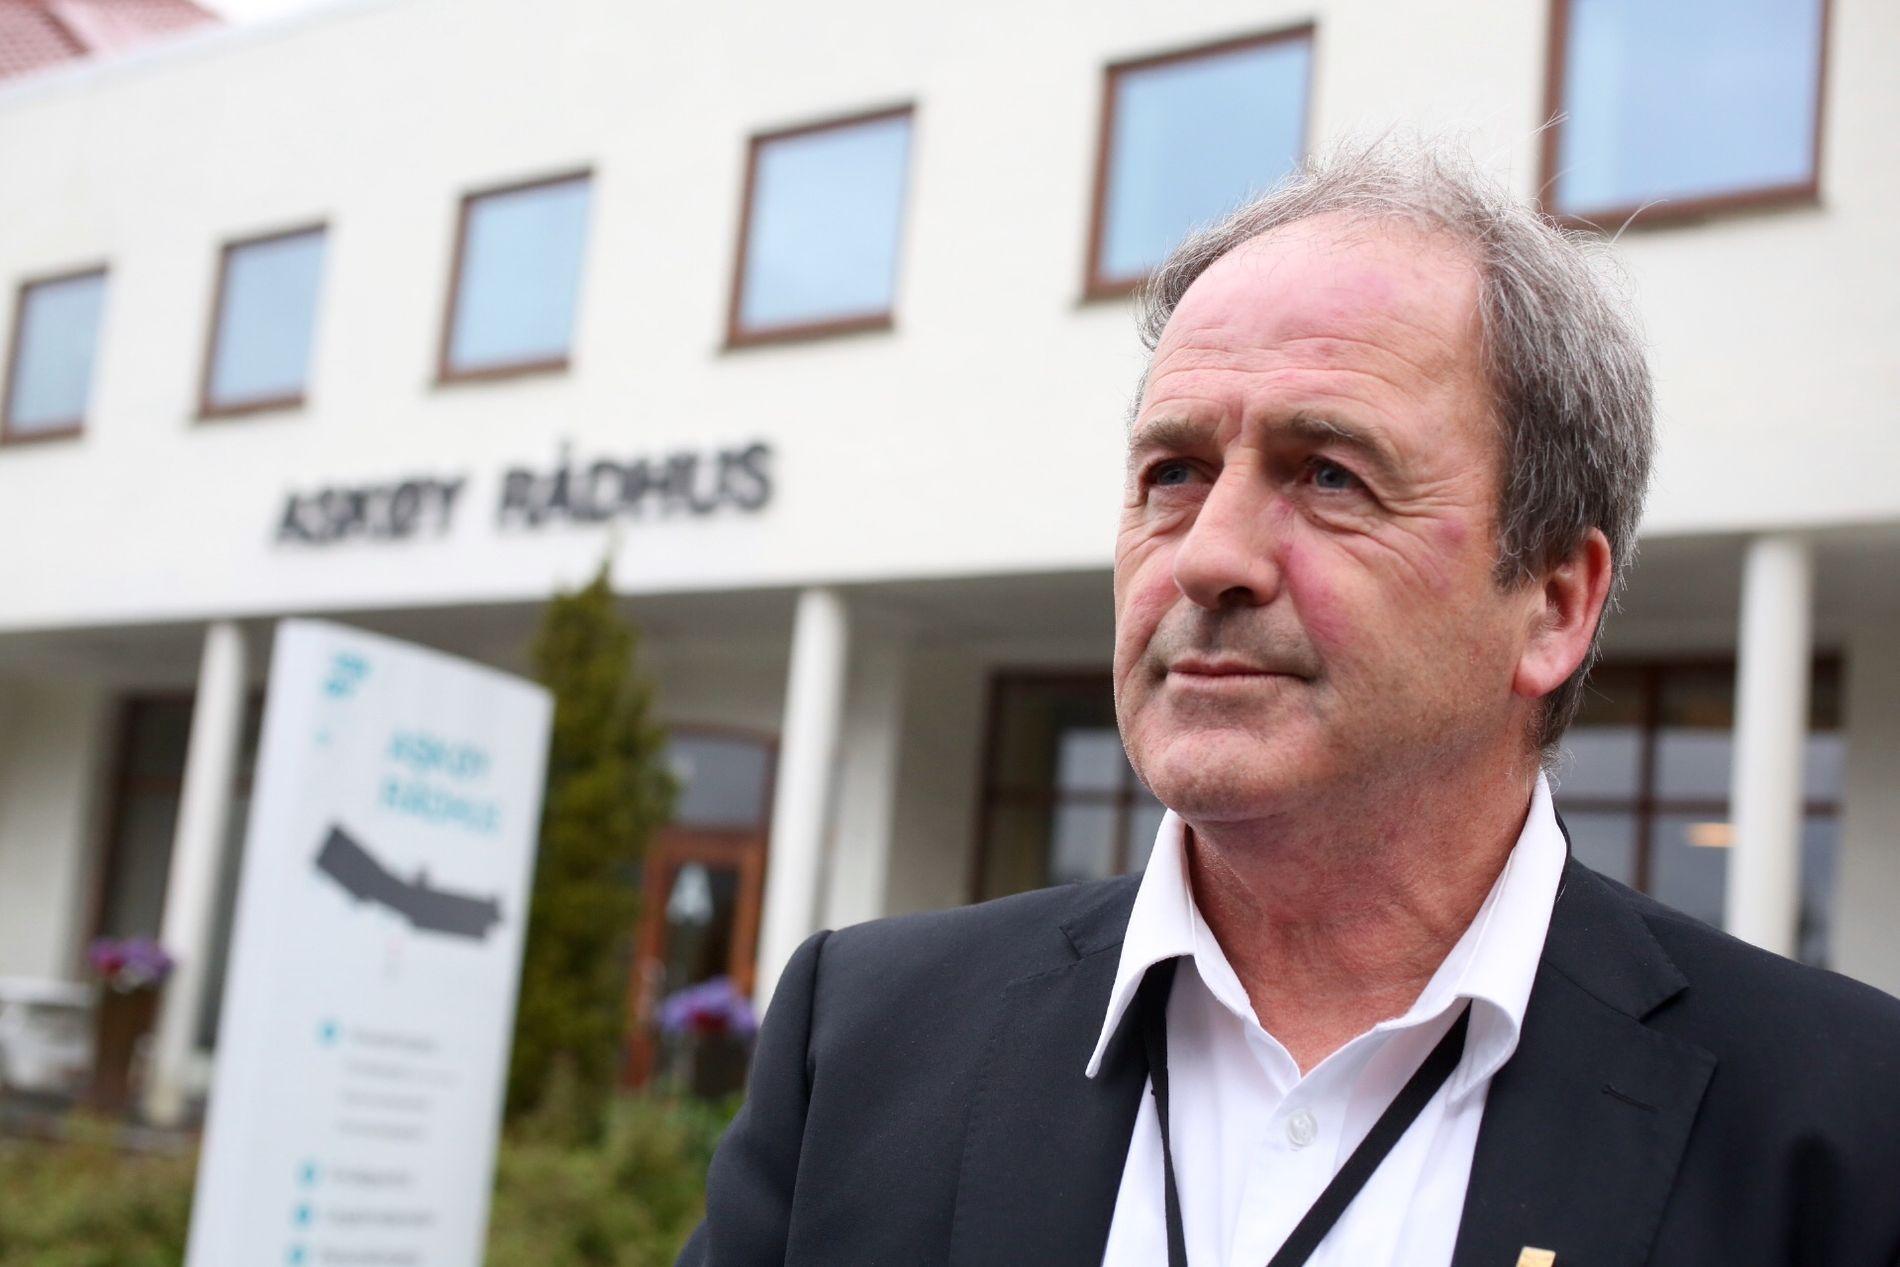 PÅ RÅDHUSET: Ordfører Terje Mathiassen og kommuneledelsen satte krisestab torsdag kveld.